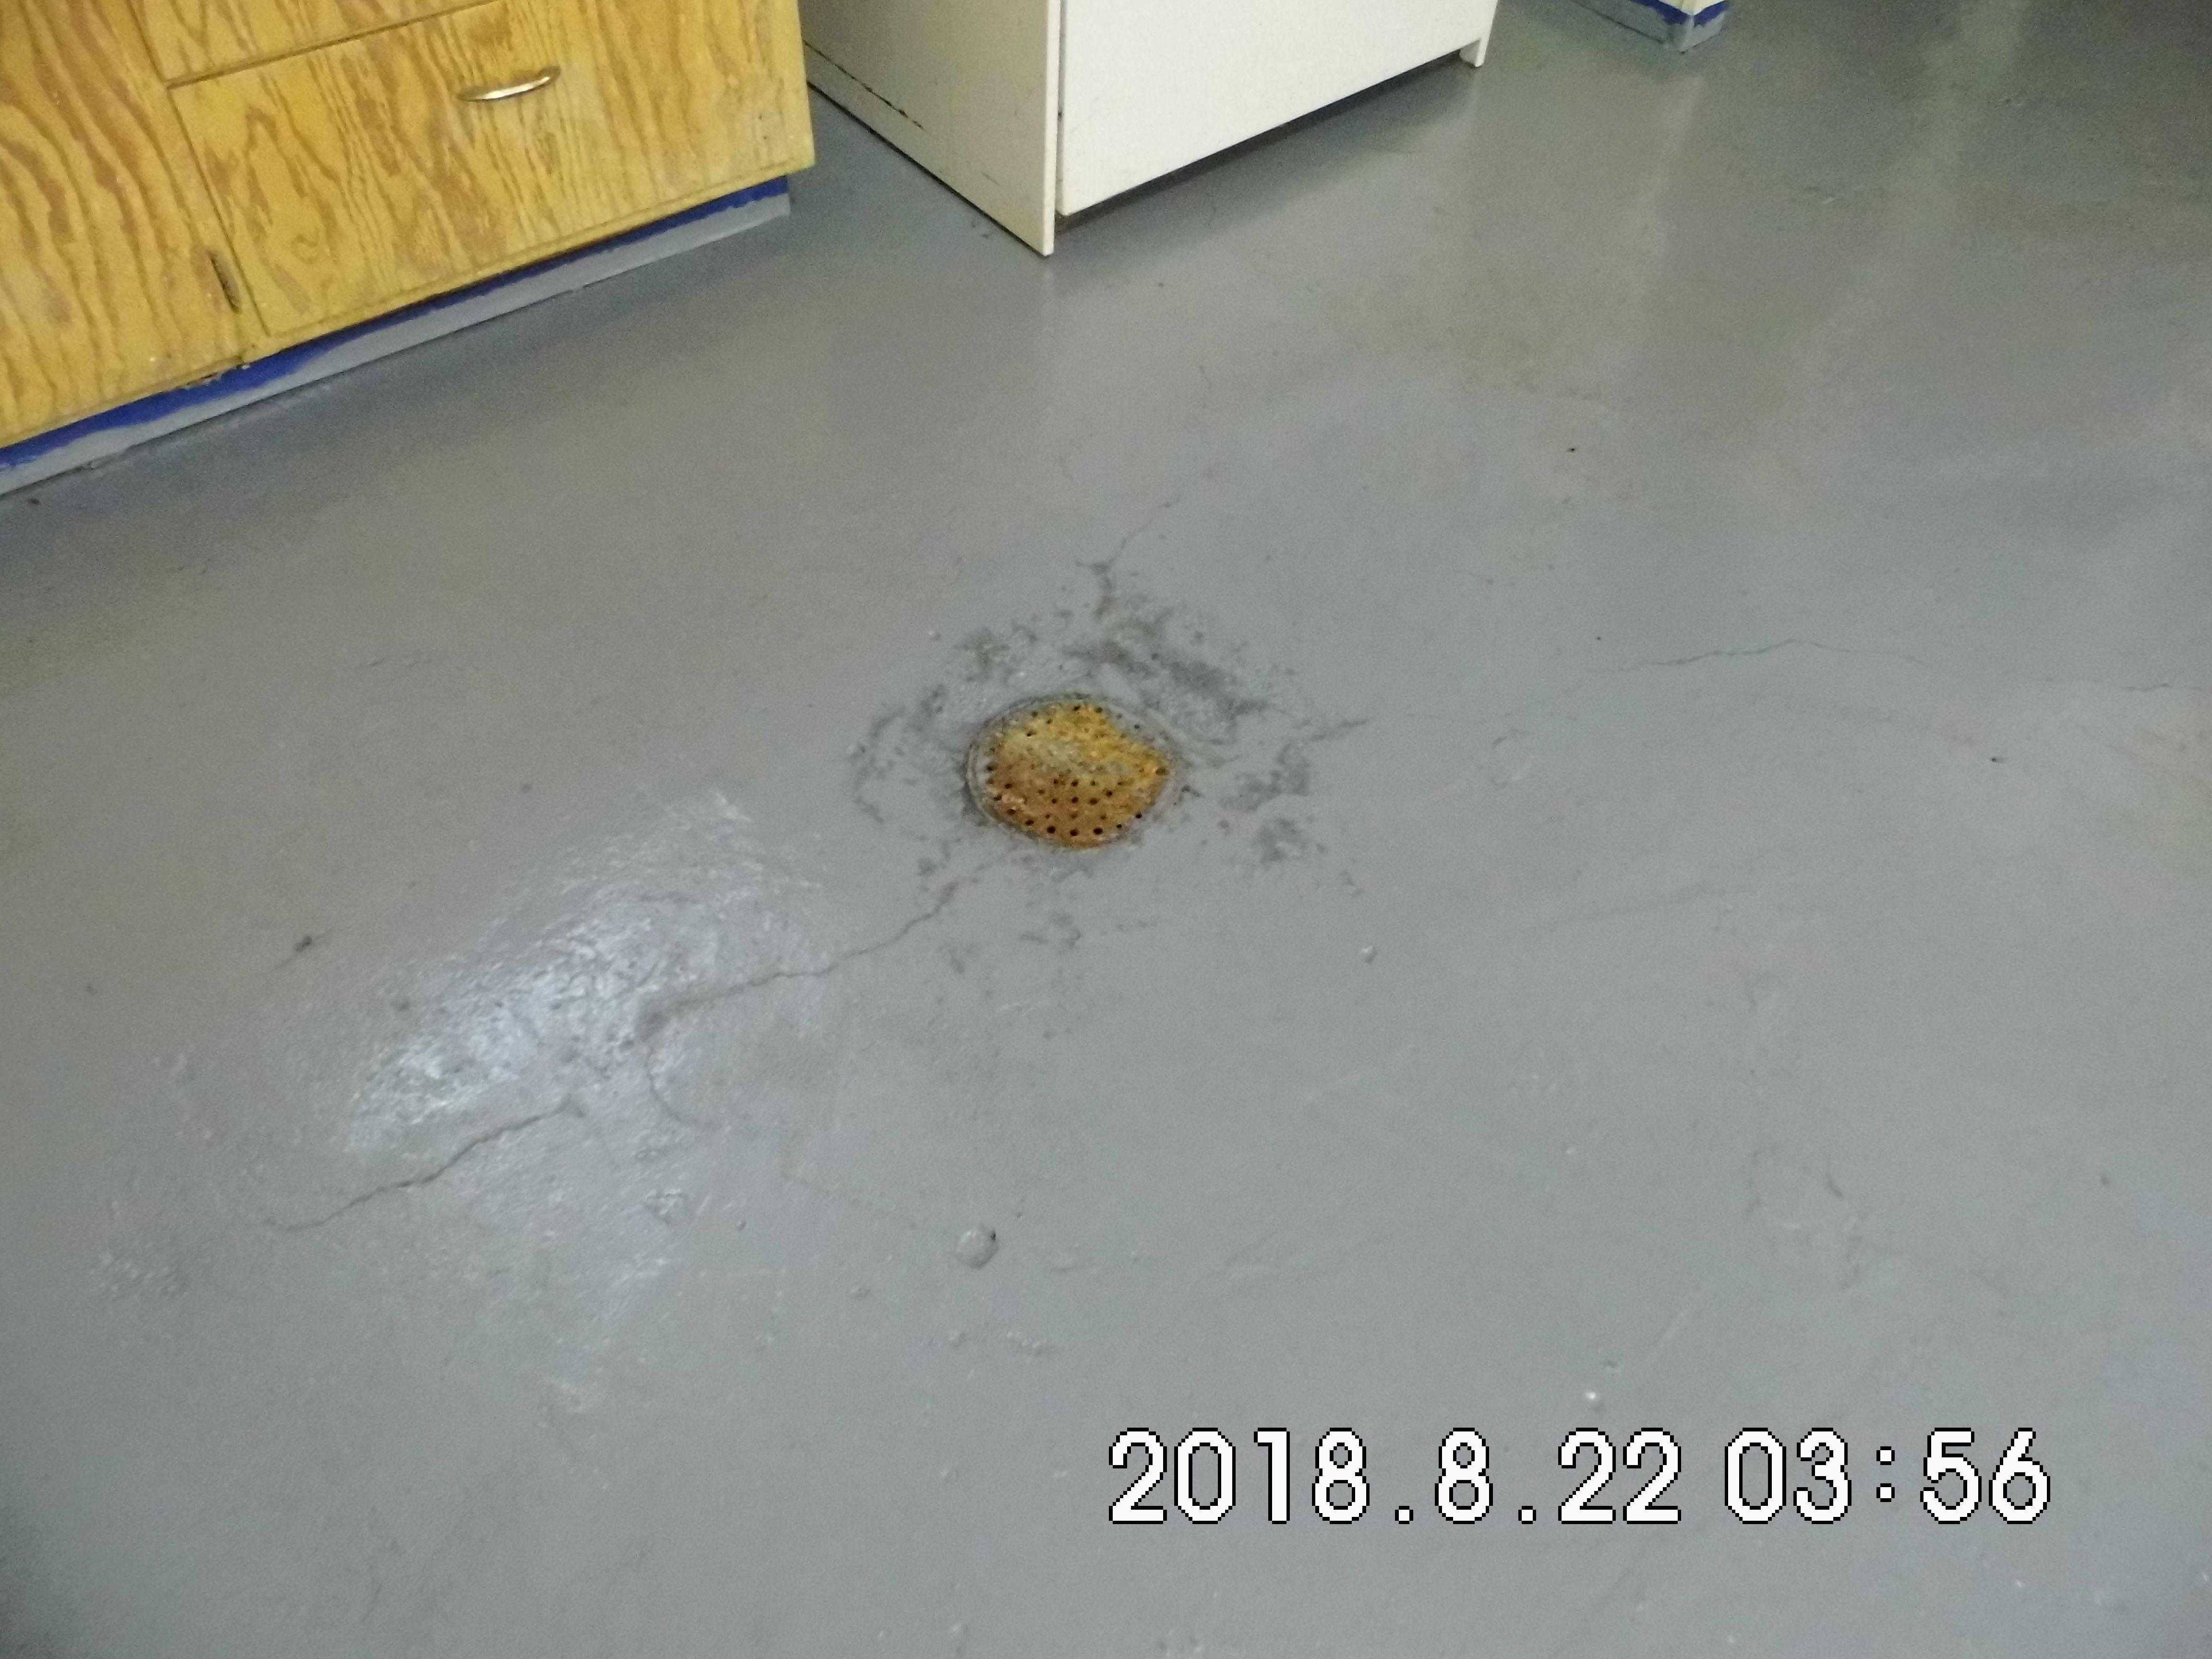 3.7 303 Elm St. Basement Floor Drain